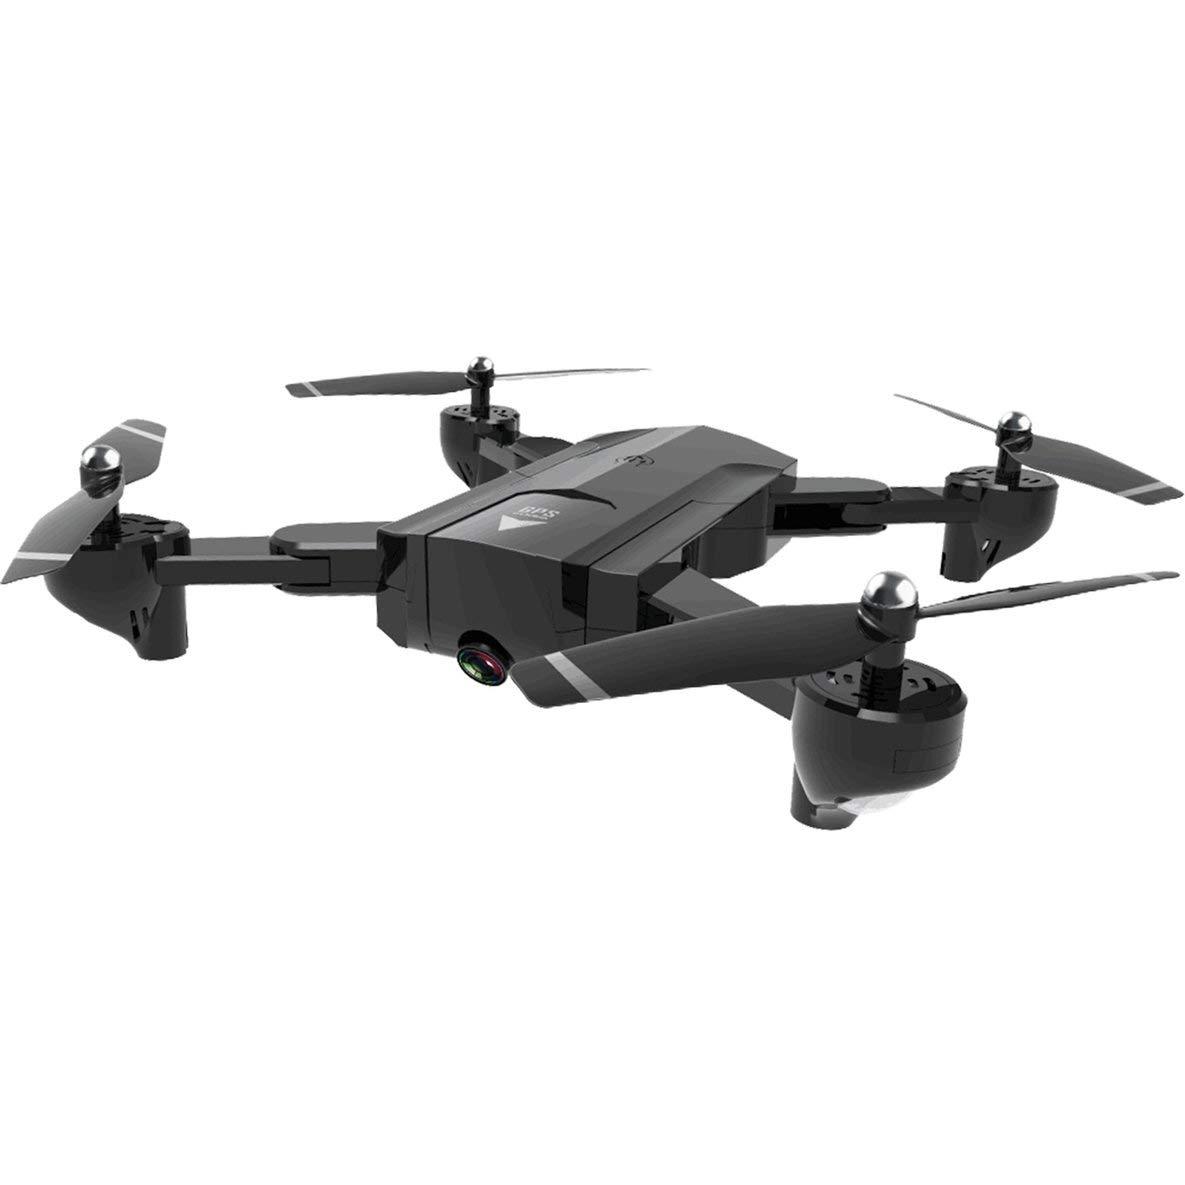 Noradtjcca 3 Batería HD Altura de retención de la cámara Siga SG900-S 2.4G RC Drone Selfie Smart GPS FPV Quadcopter Con 1080P UNA tecla de retorno